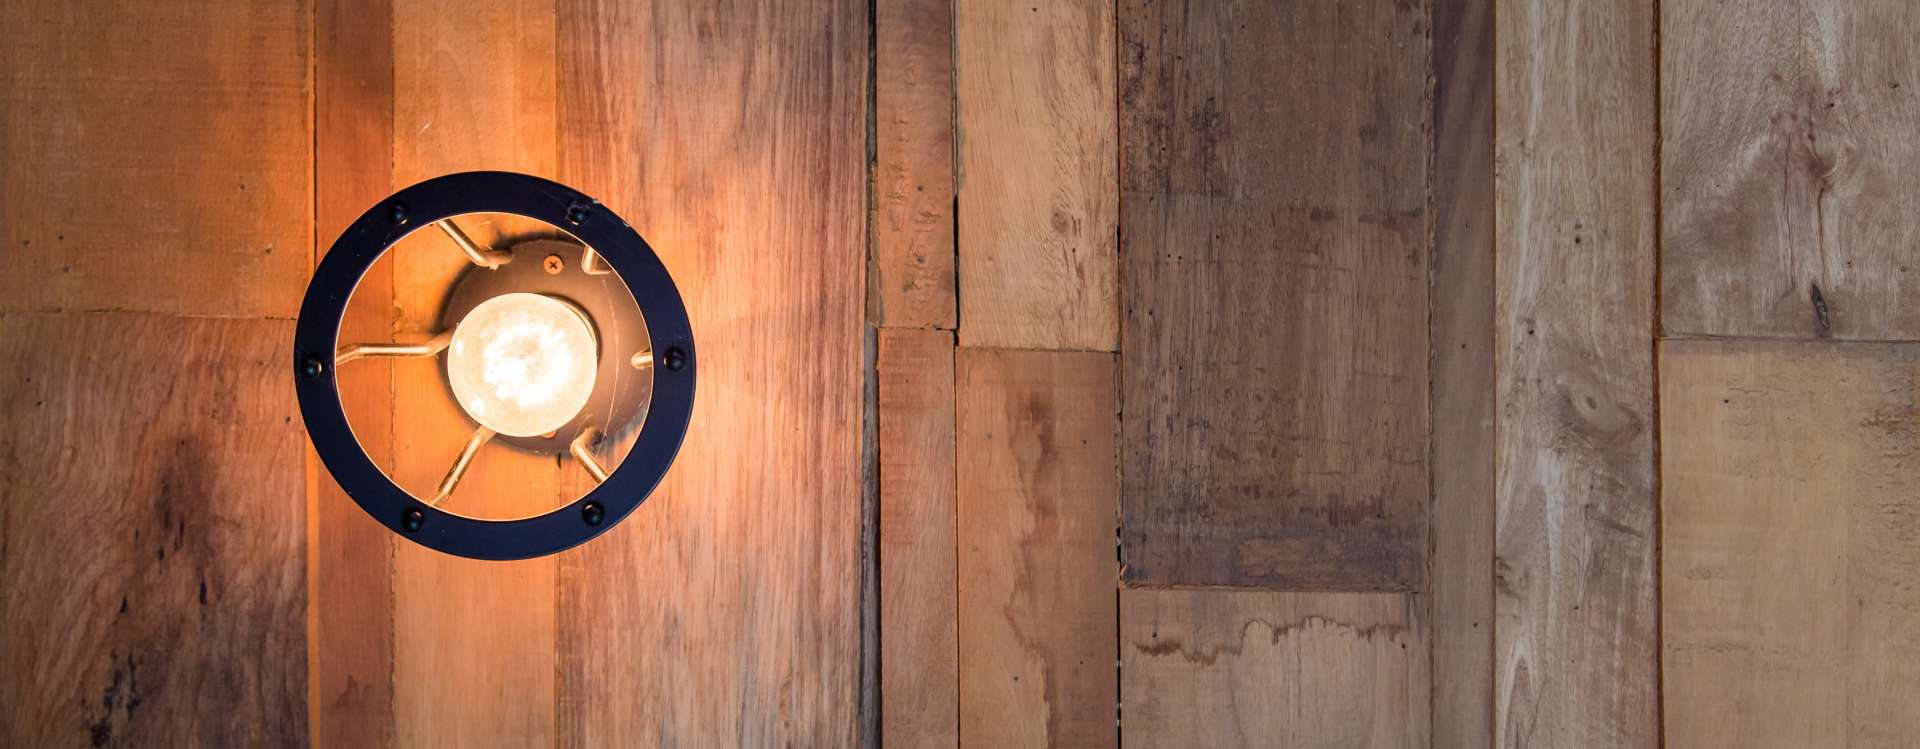 Smart building : ceci n'est pas une ampoule